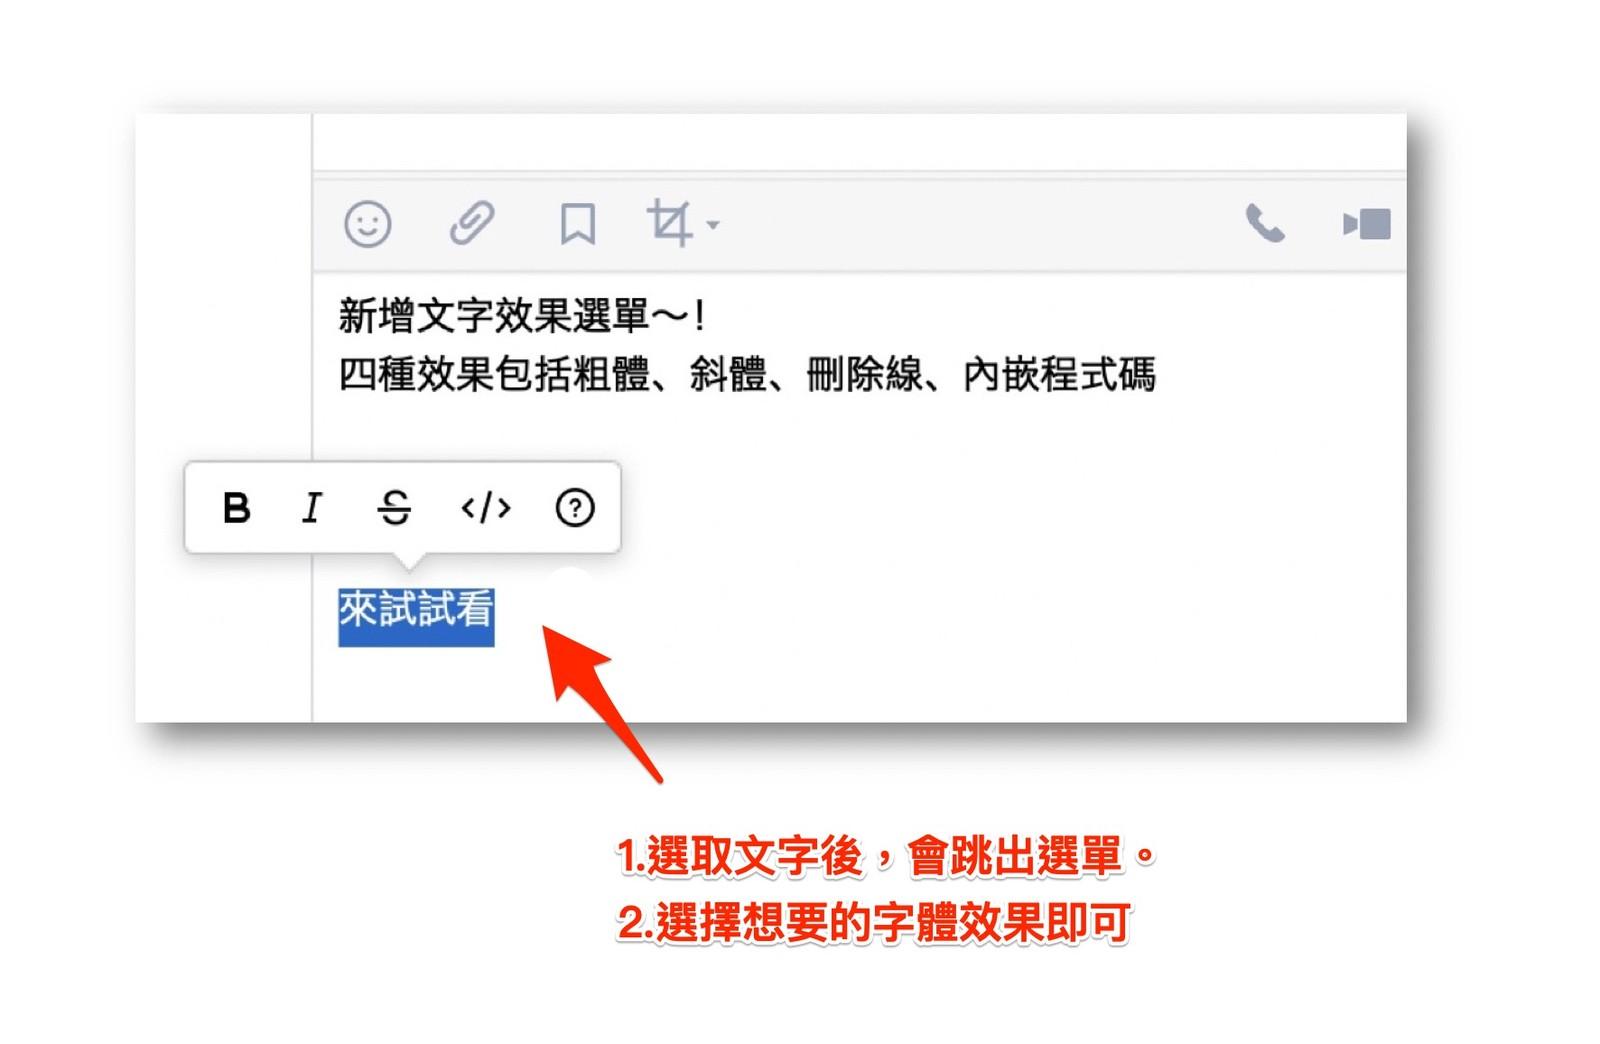 這些 LINE 功能你用過嗎?圖片整合傳送、記事本搜尋、Keep 儲存分享